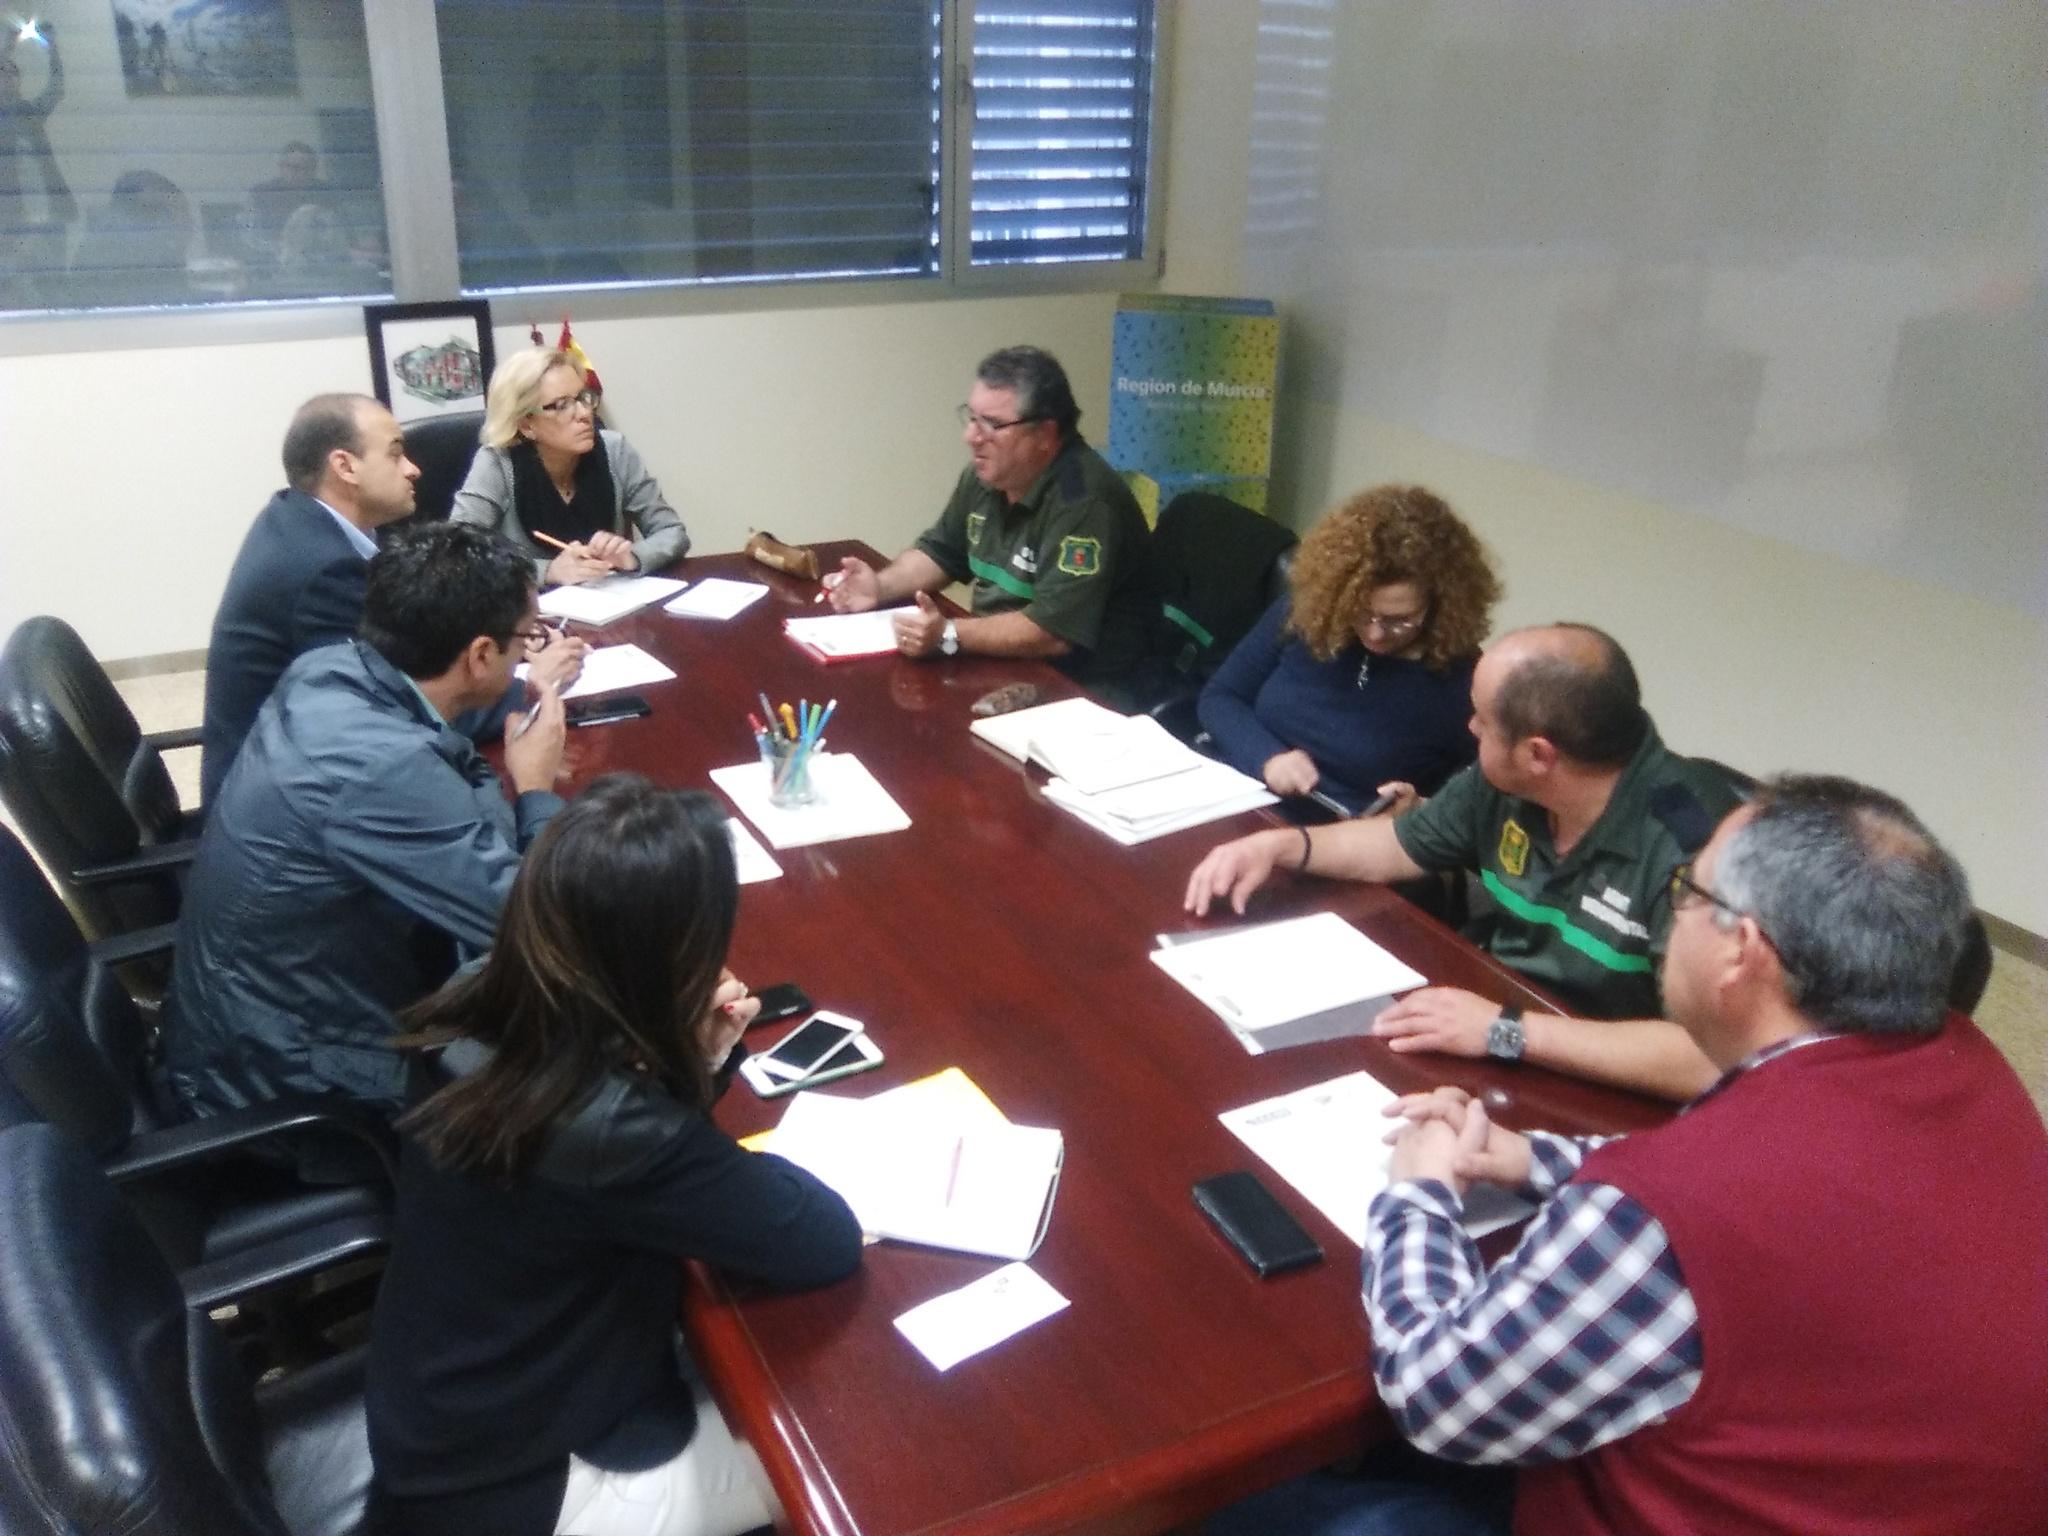 La consejera, en la reunión de trabajo con los representantes de los sindicatos UGT y CCOO del cuerpo de agentes medioambientales. Imagen: CARM